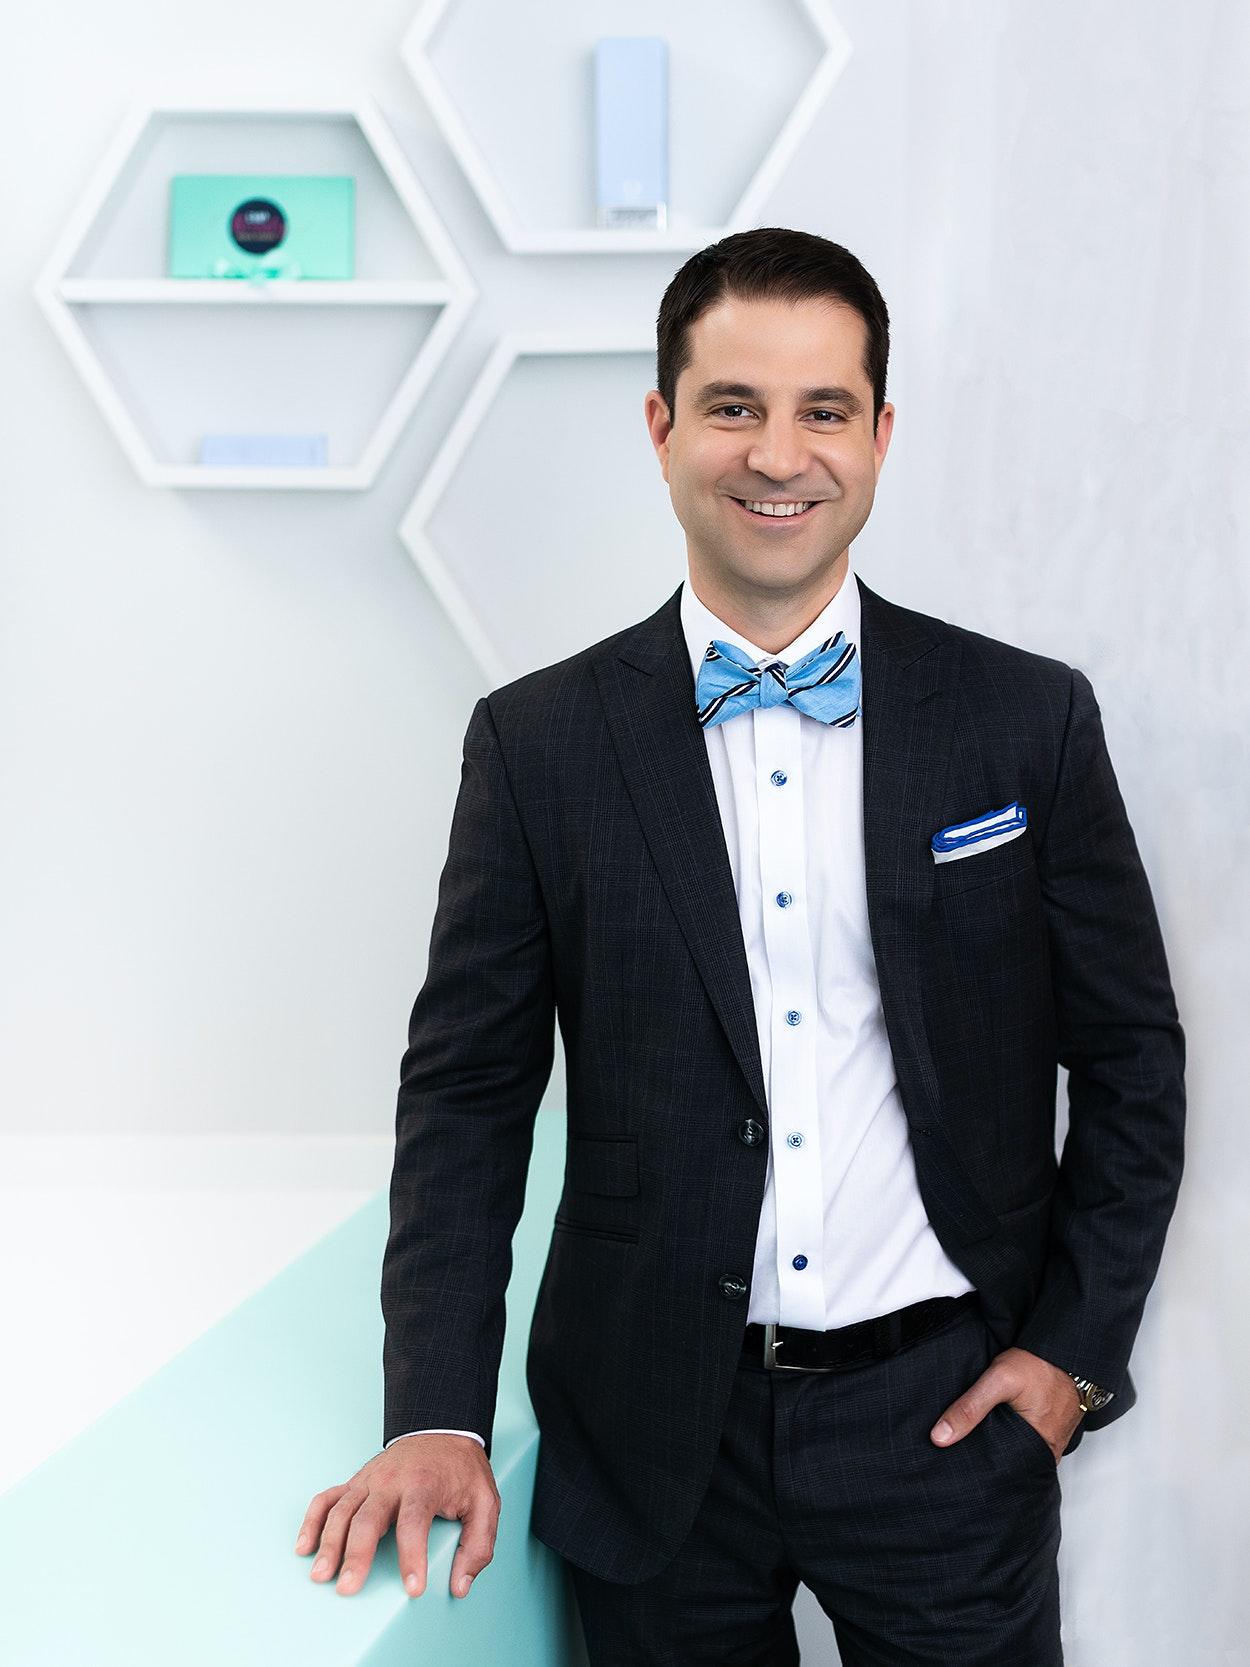 Dr. Steven Camp